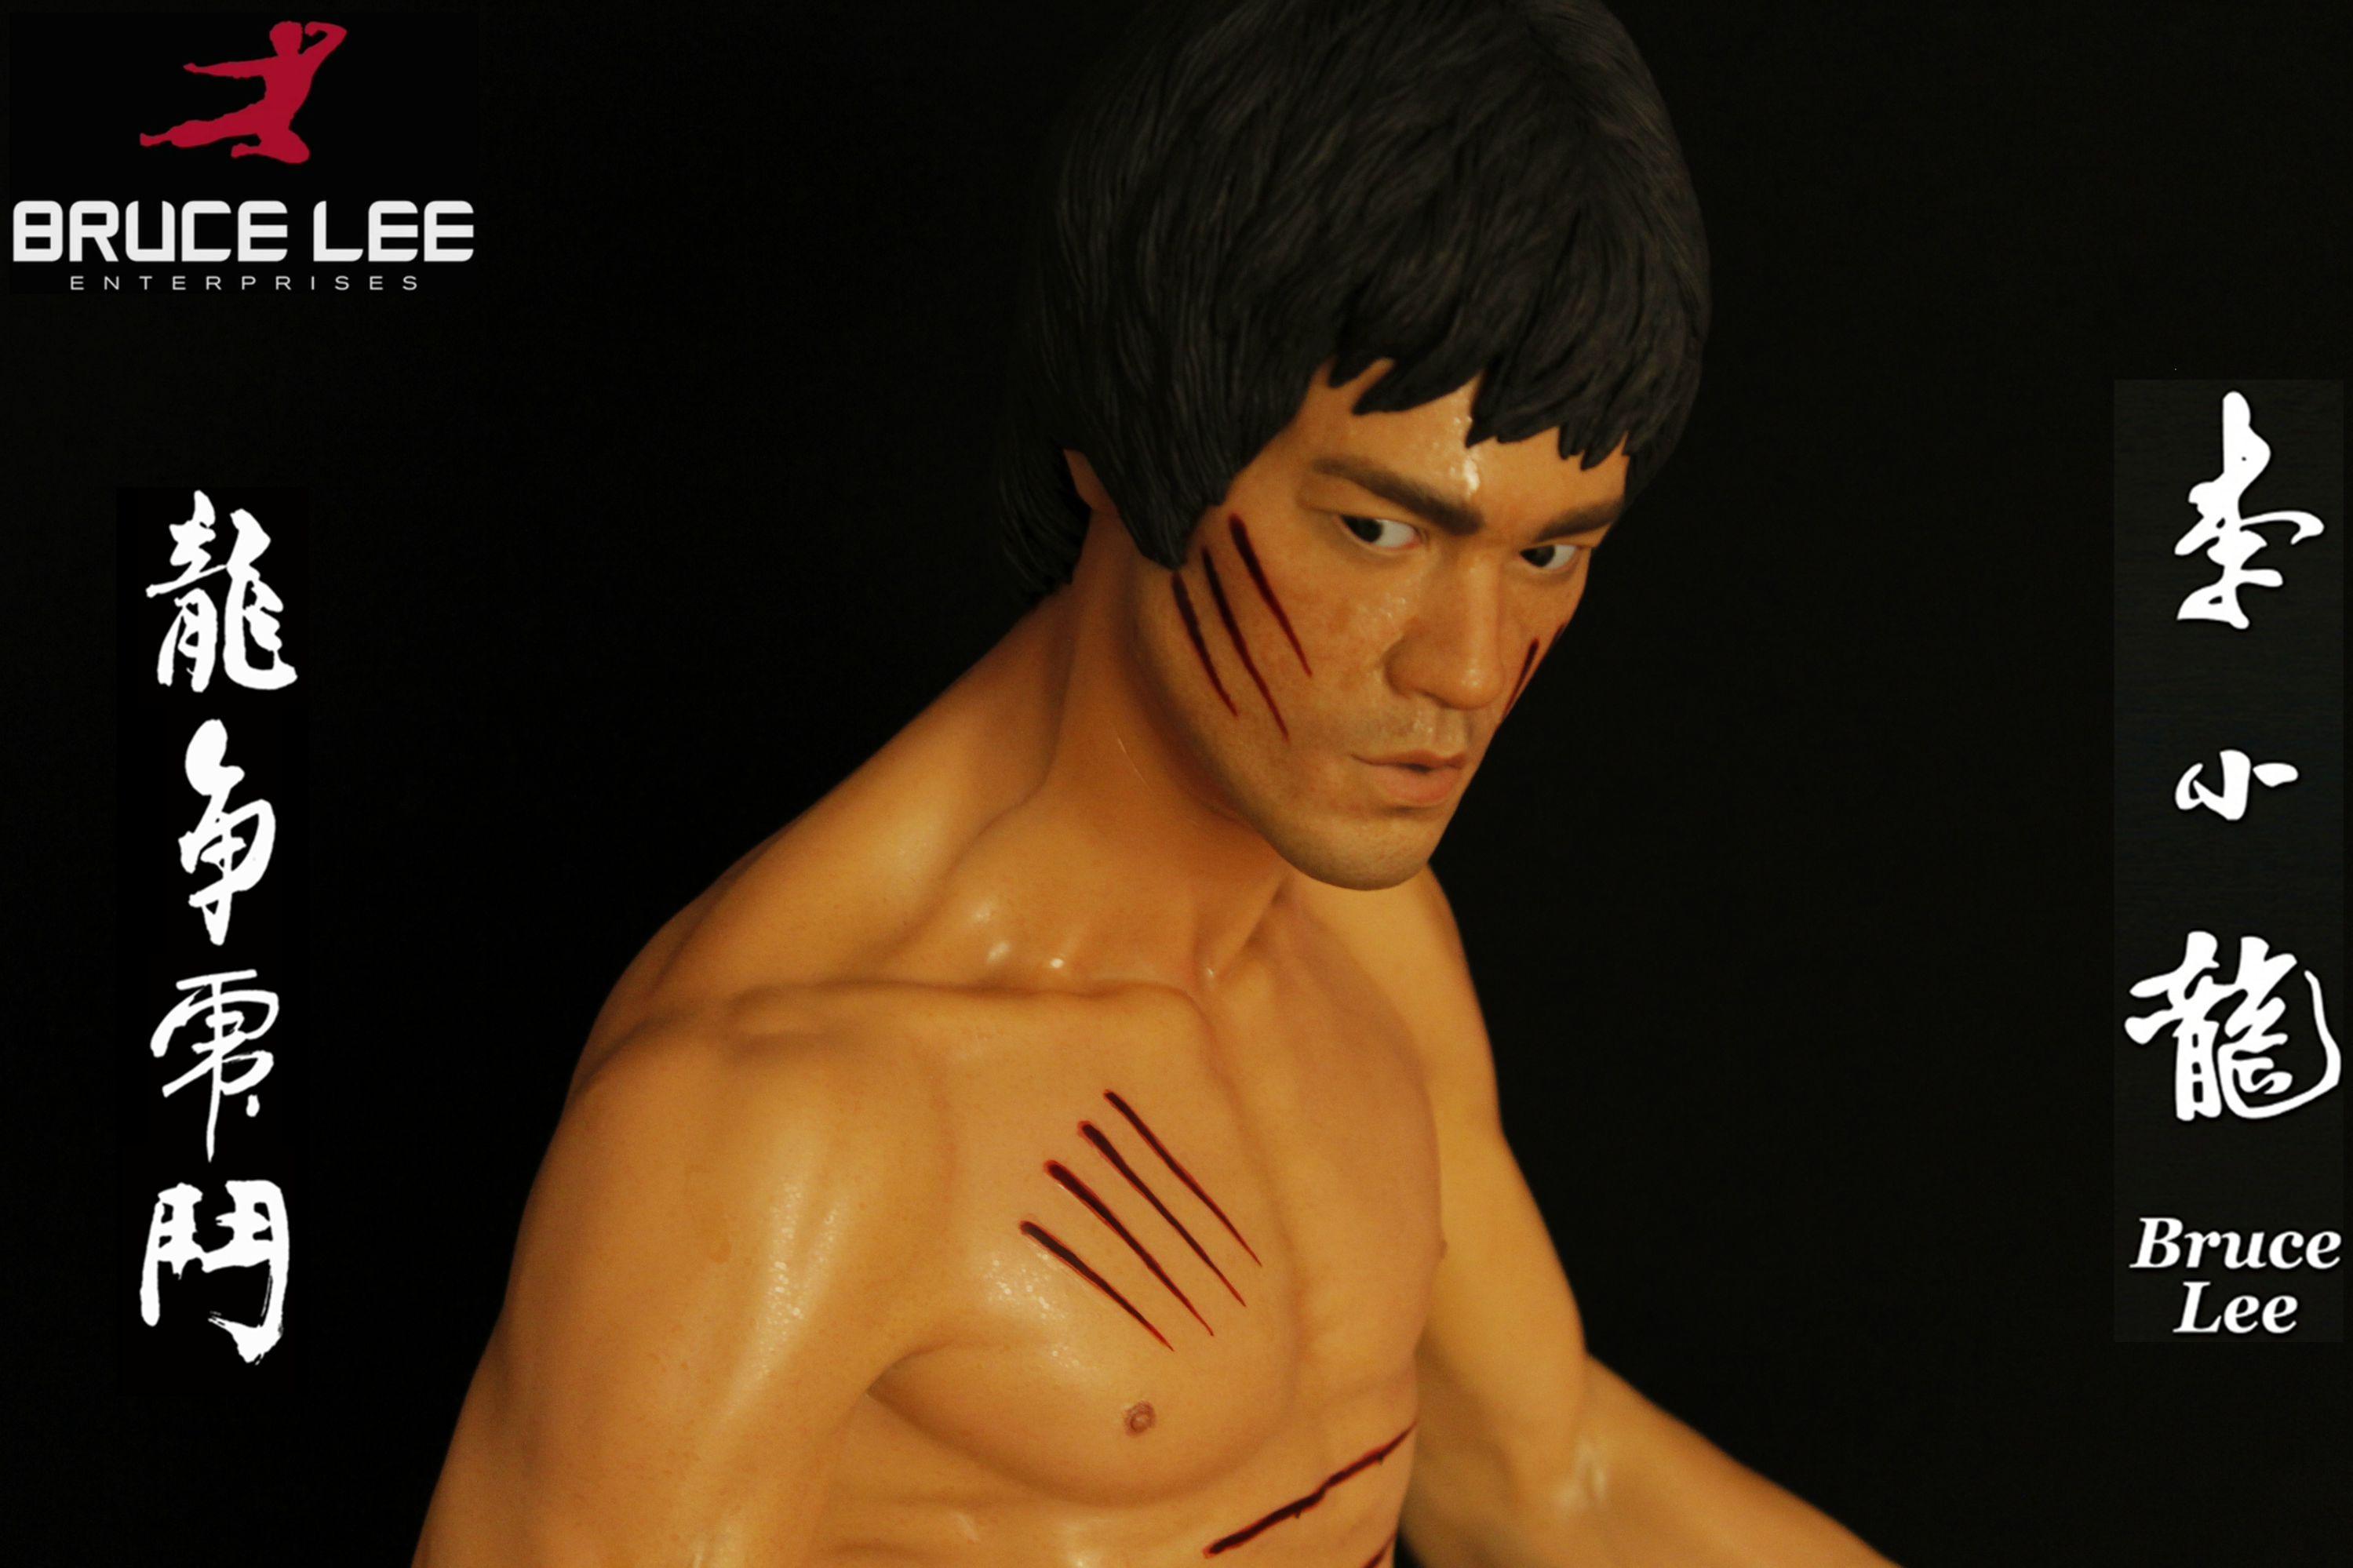 [Blitzway] Bruce Lee Tribute - 1/3 Scale - LANÇADO!!! - Página 6 212046q2bn89nsnblbfnxe